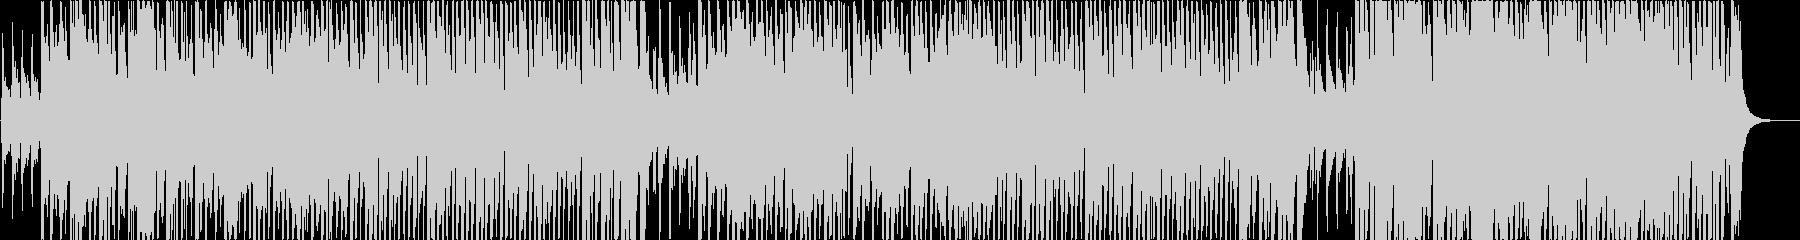 【生演奏】ヴァイオリン&ギターXmas曲の未再生の波形